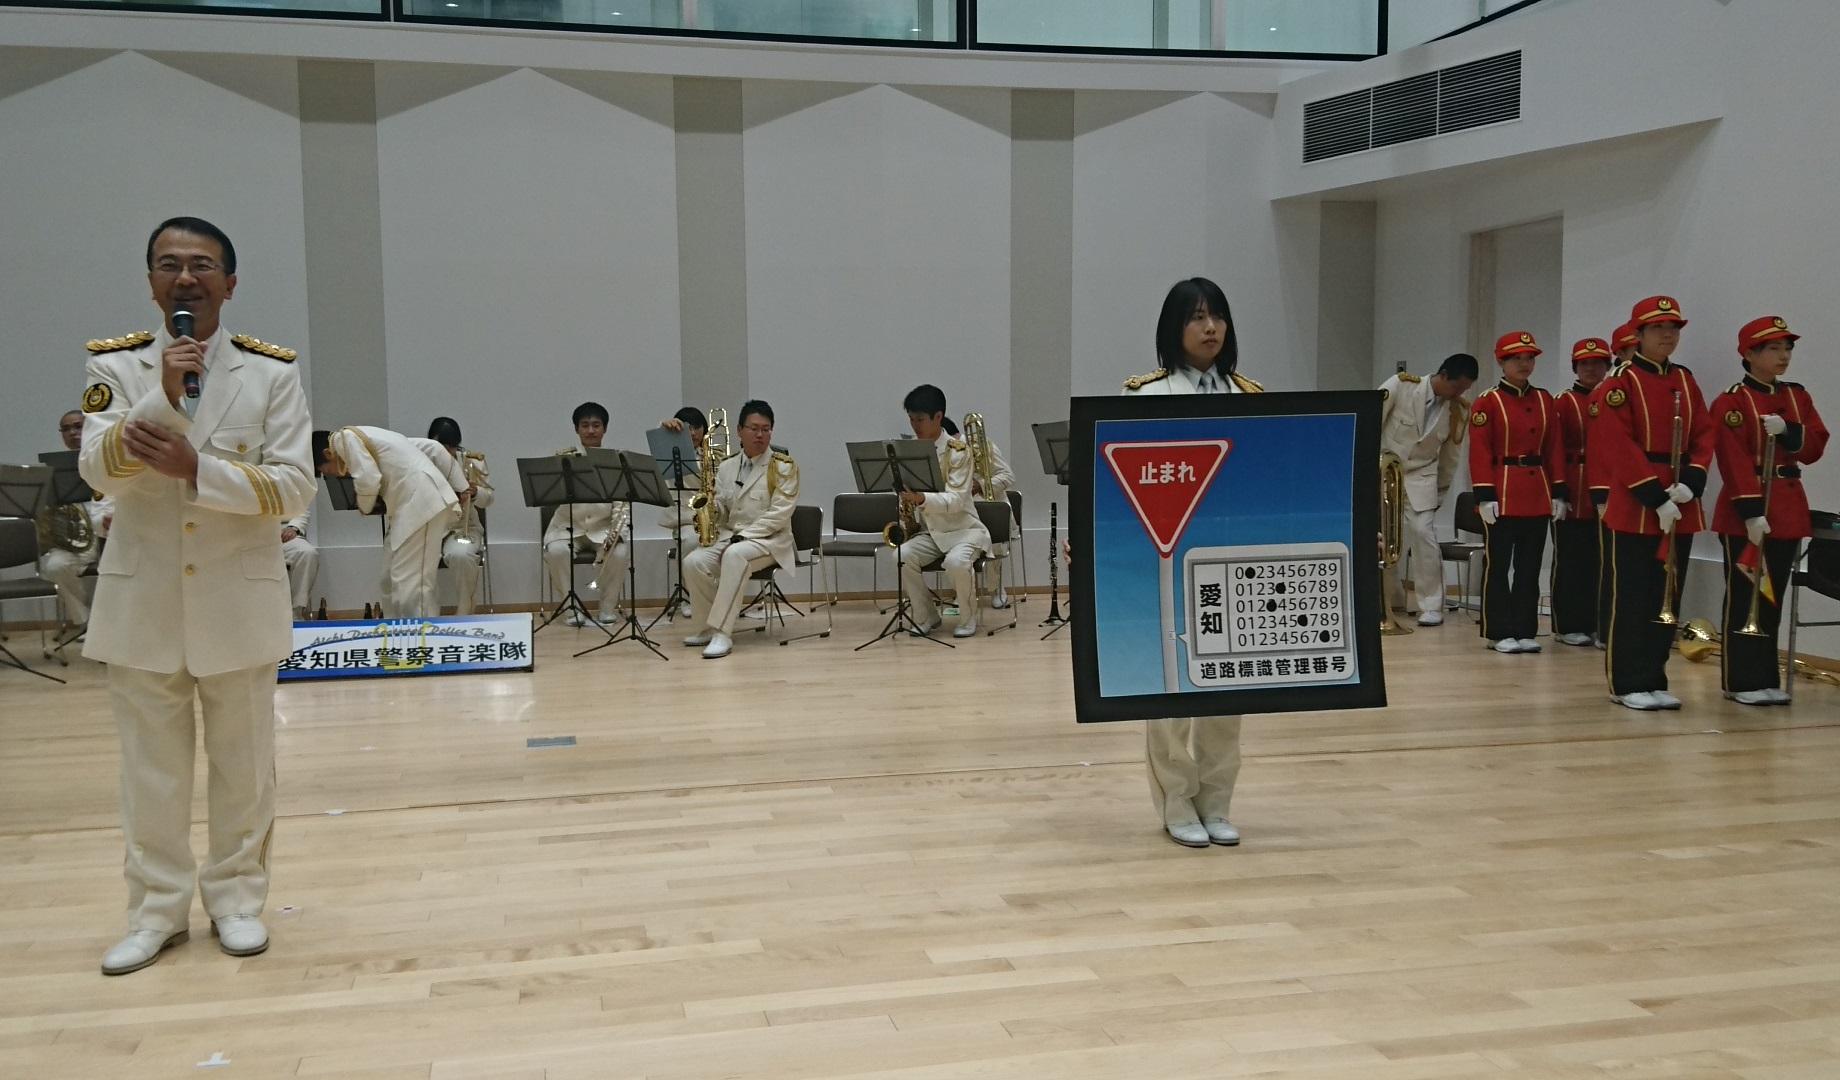 2018.1.7 あんぜんあんしんフェス (22) 愛知県警察音楽隊 1840-1080